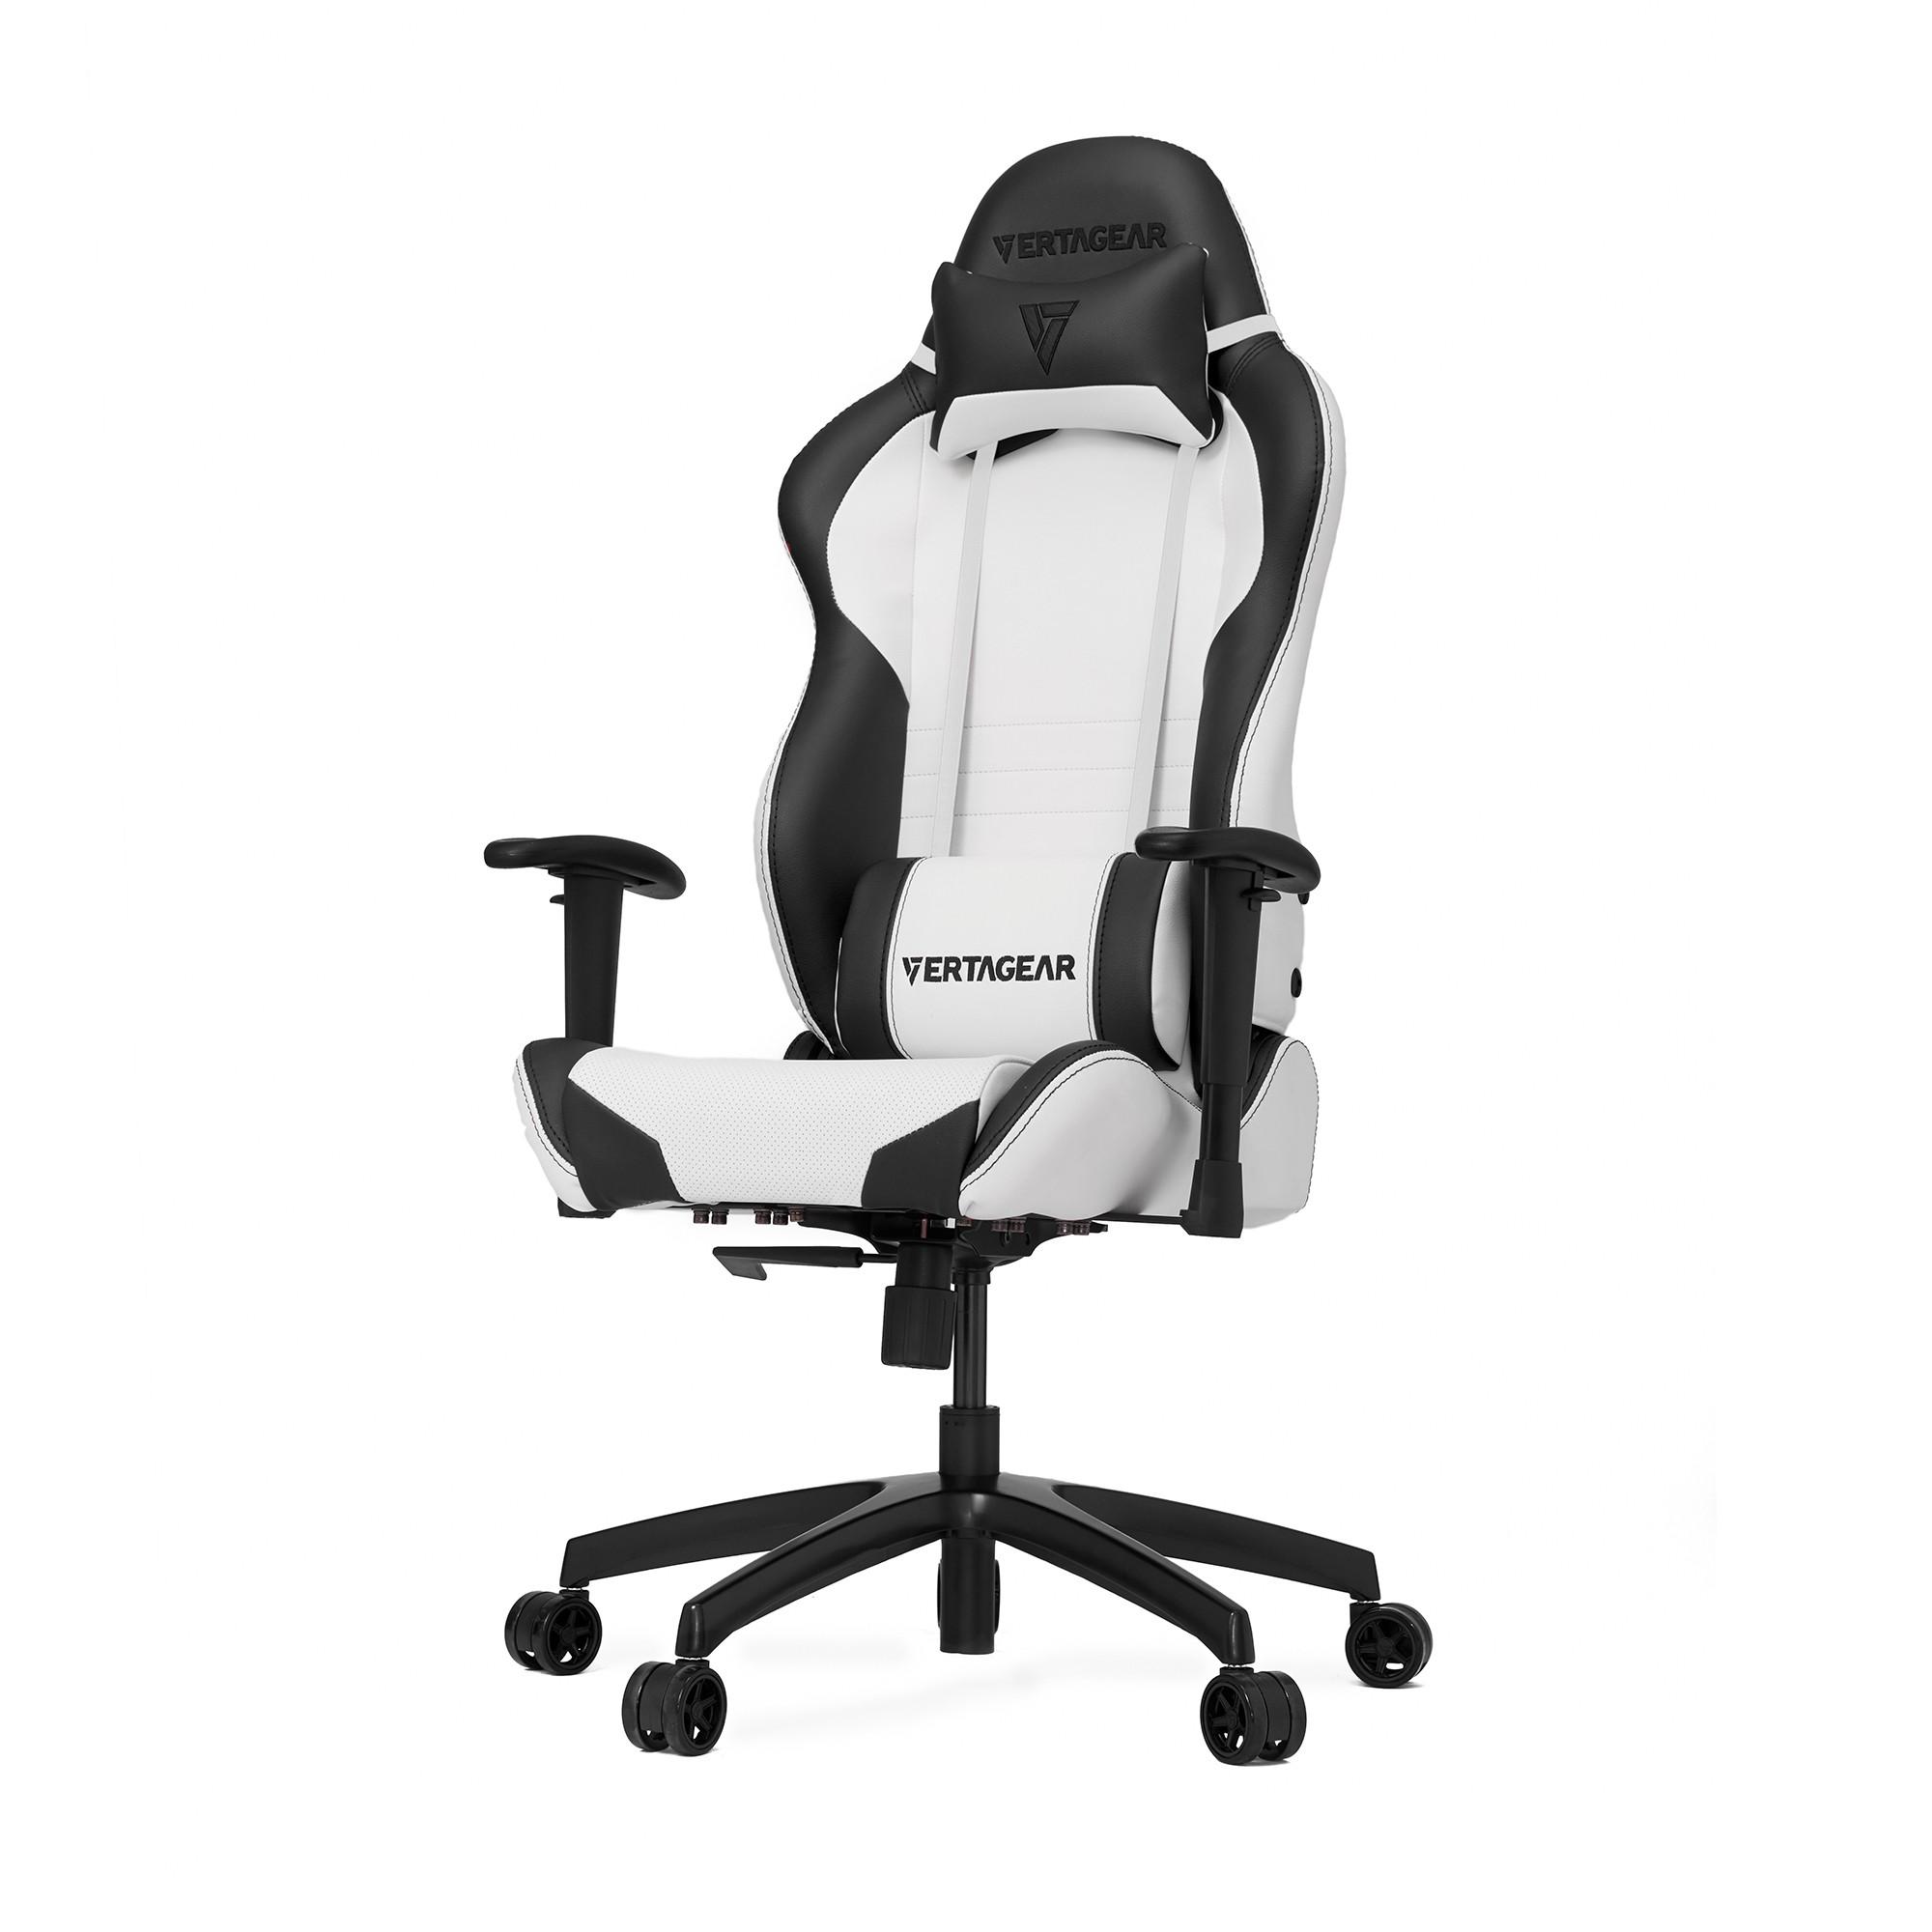 Профессиональное киберспортивное кресло Vertagear SL2000 белый/черныйНабивка в SL-2000 сделанная из высокоплотной эластичной пены, которая добавляет отличную поддержку и удобство в положении сидя.&#13;<br>&#13;<br>Элегантное исполнение модели SL-2000 сделано из высококачественной PVC кожи, которая делает покрытие невероятно прочным и дает креслу роскошный вид. Этот материал легко чистить и поддерживать в хорошем состоянии, благодаря цветной прошивке и водозащитным характеристикам.<br>